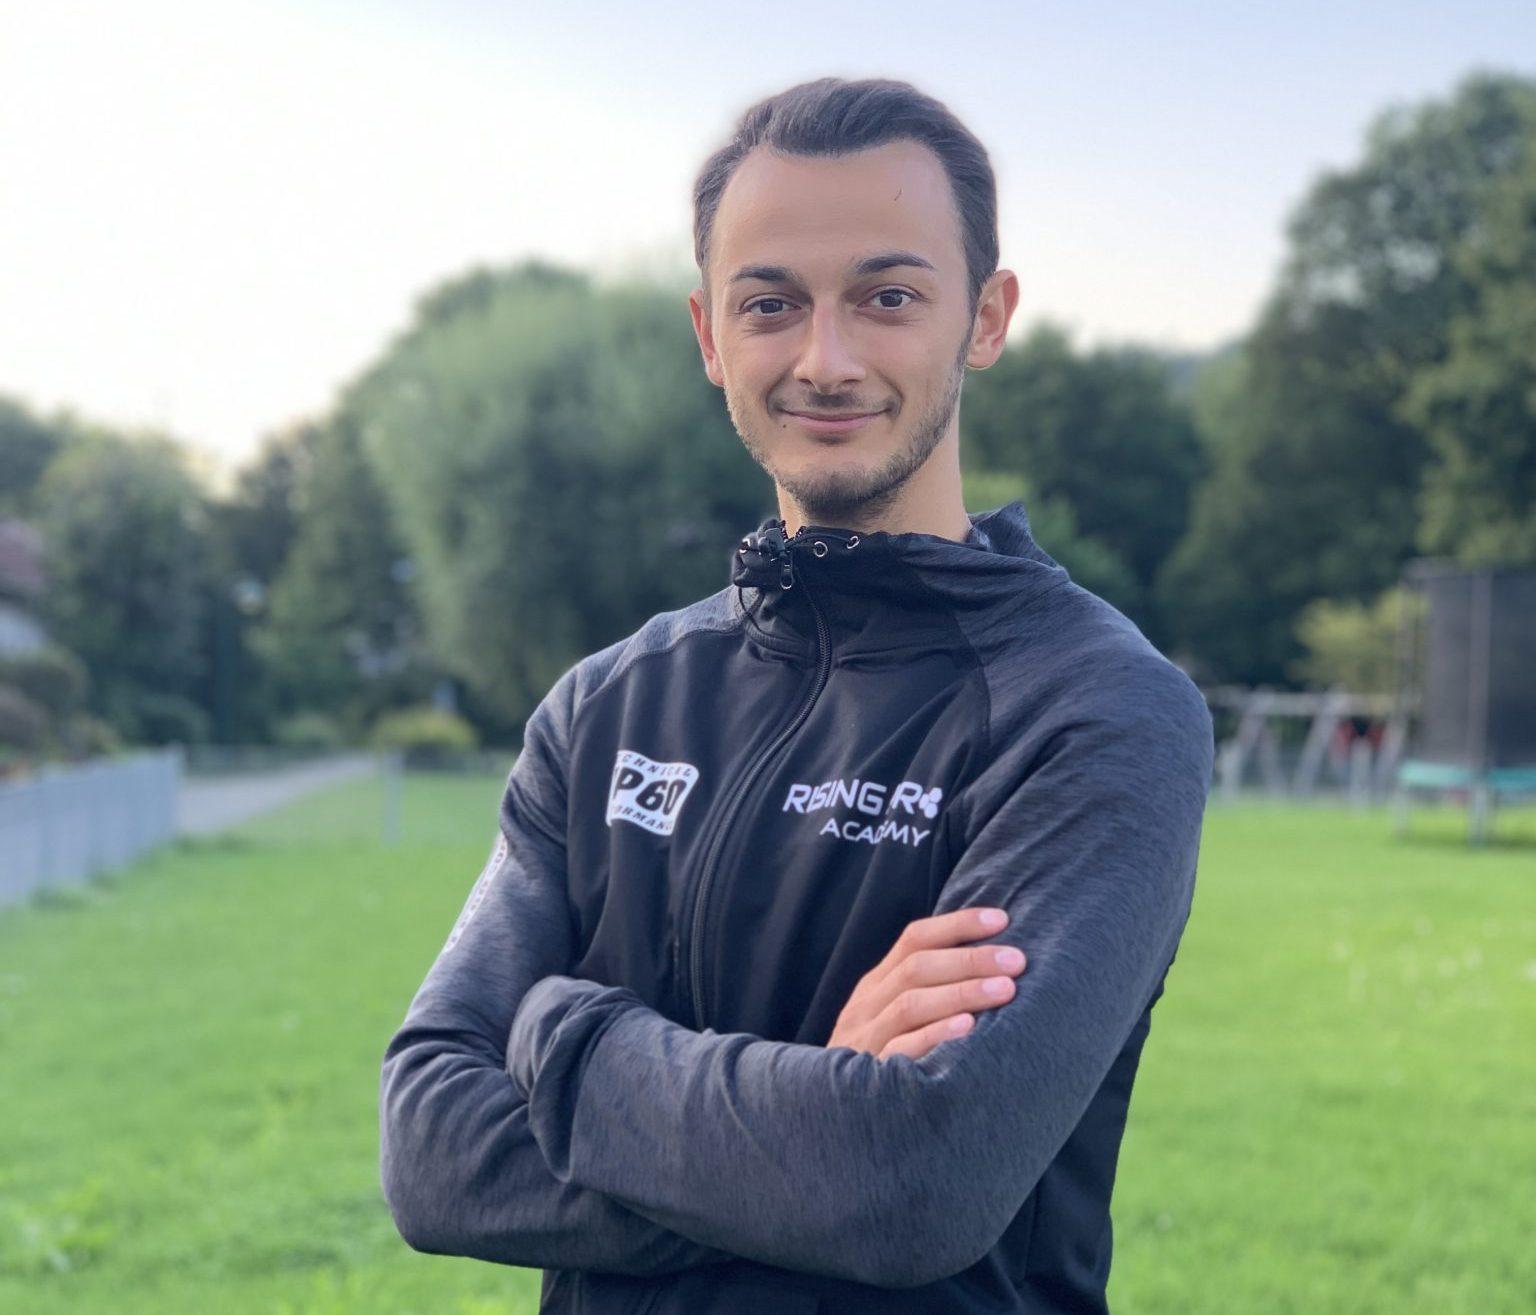 Agon Hehl, Techniktrainer und 1 gegen 1 Training Fußball, Rising Pro Academy